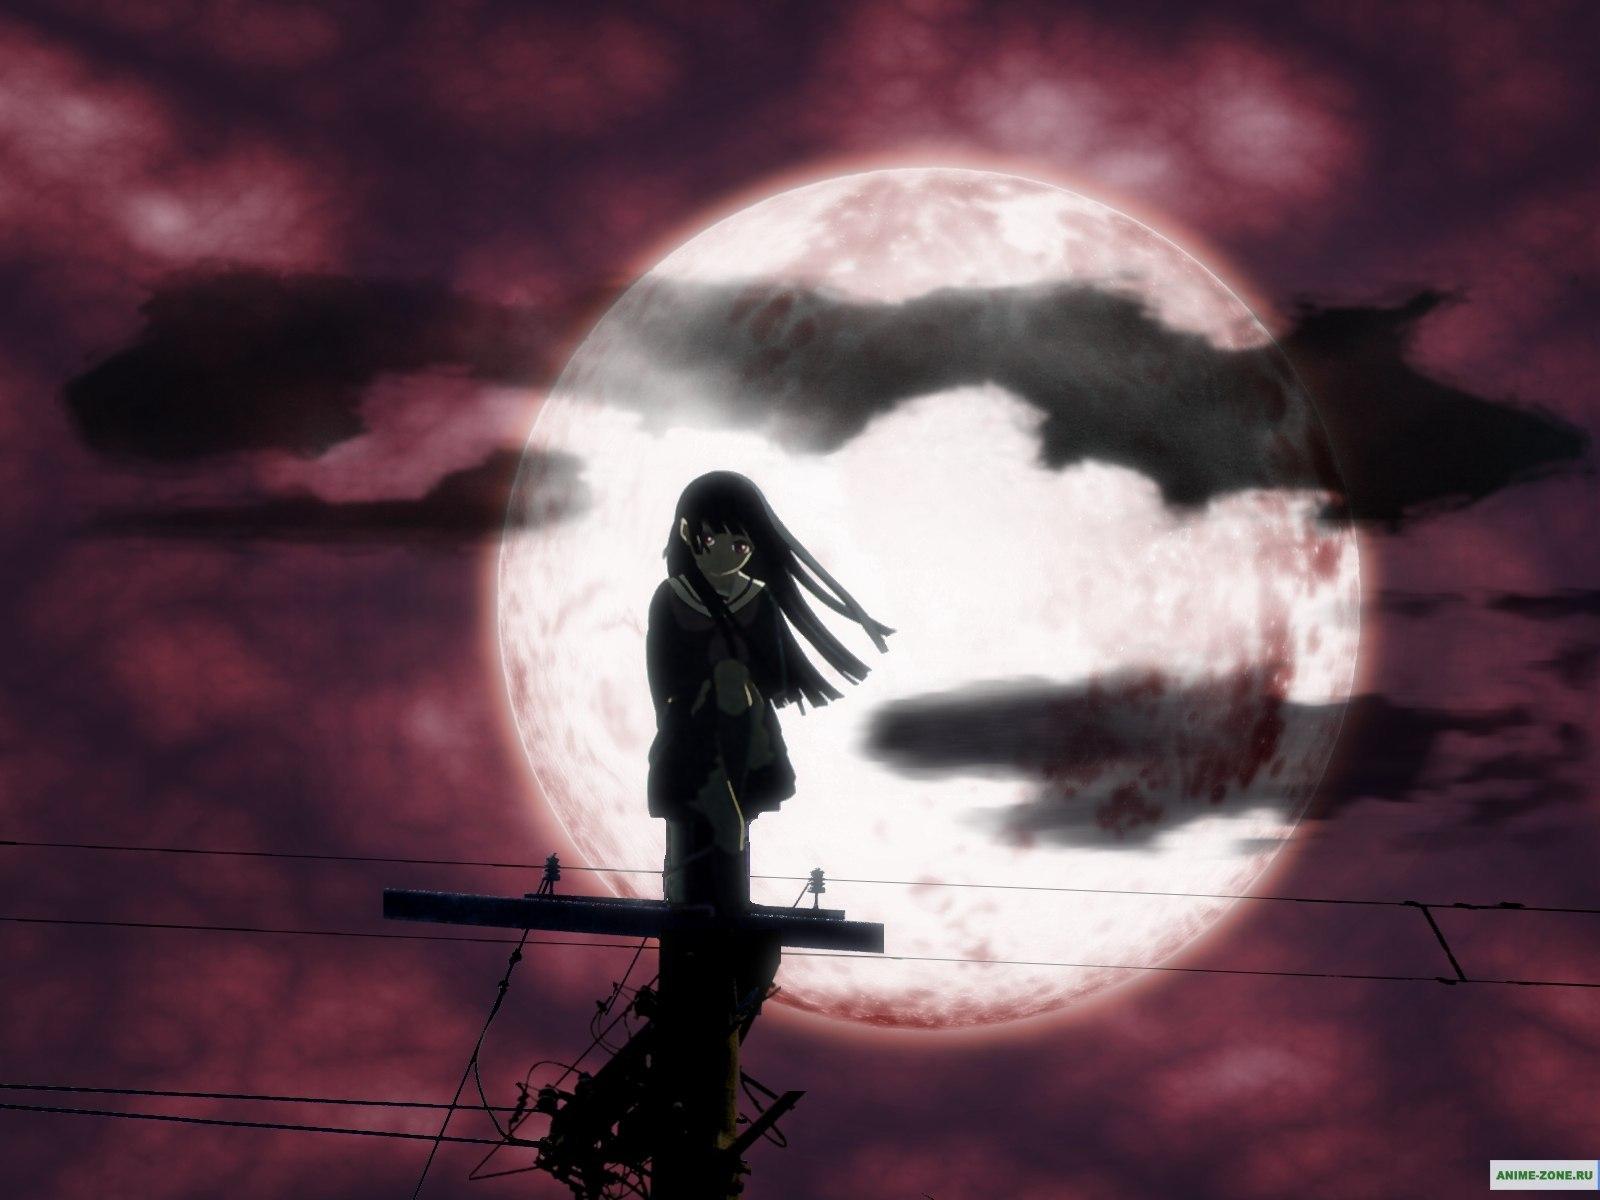 12584 Hintergrundbild 540x960 kostenlos auf deinem Handy, lade Bilder Anime, Mond 540x960 auf dein Handy herunter